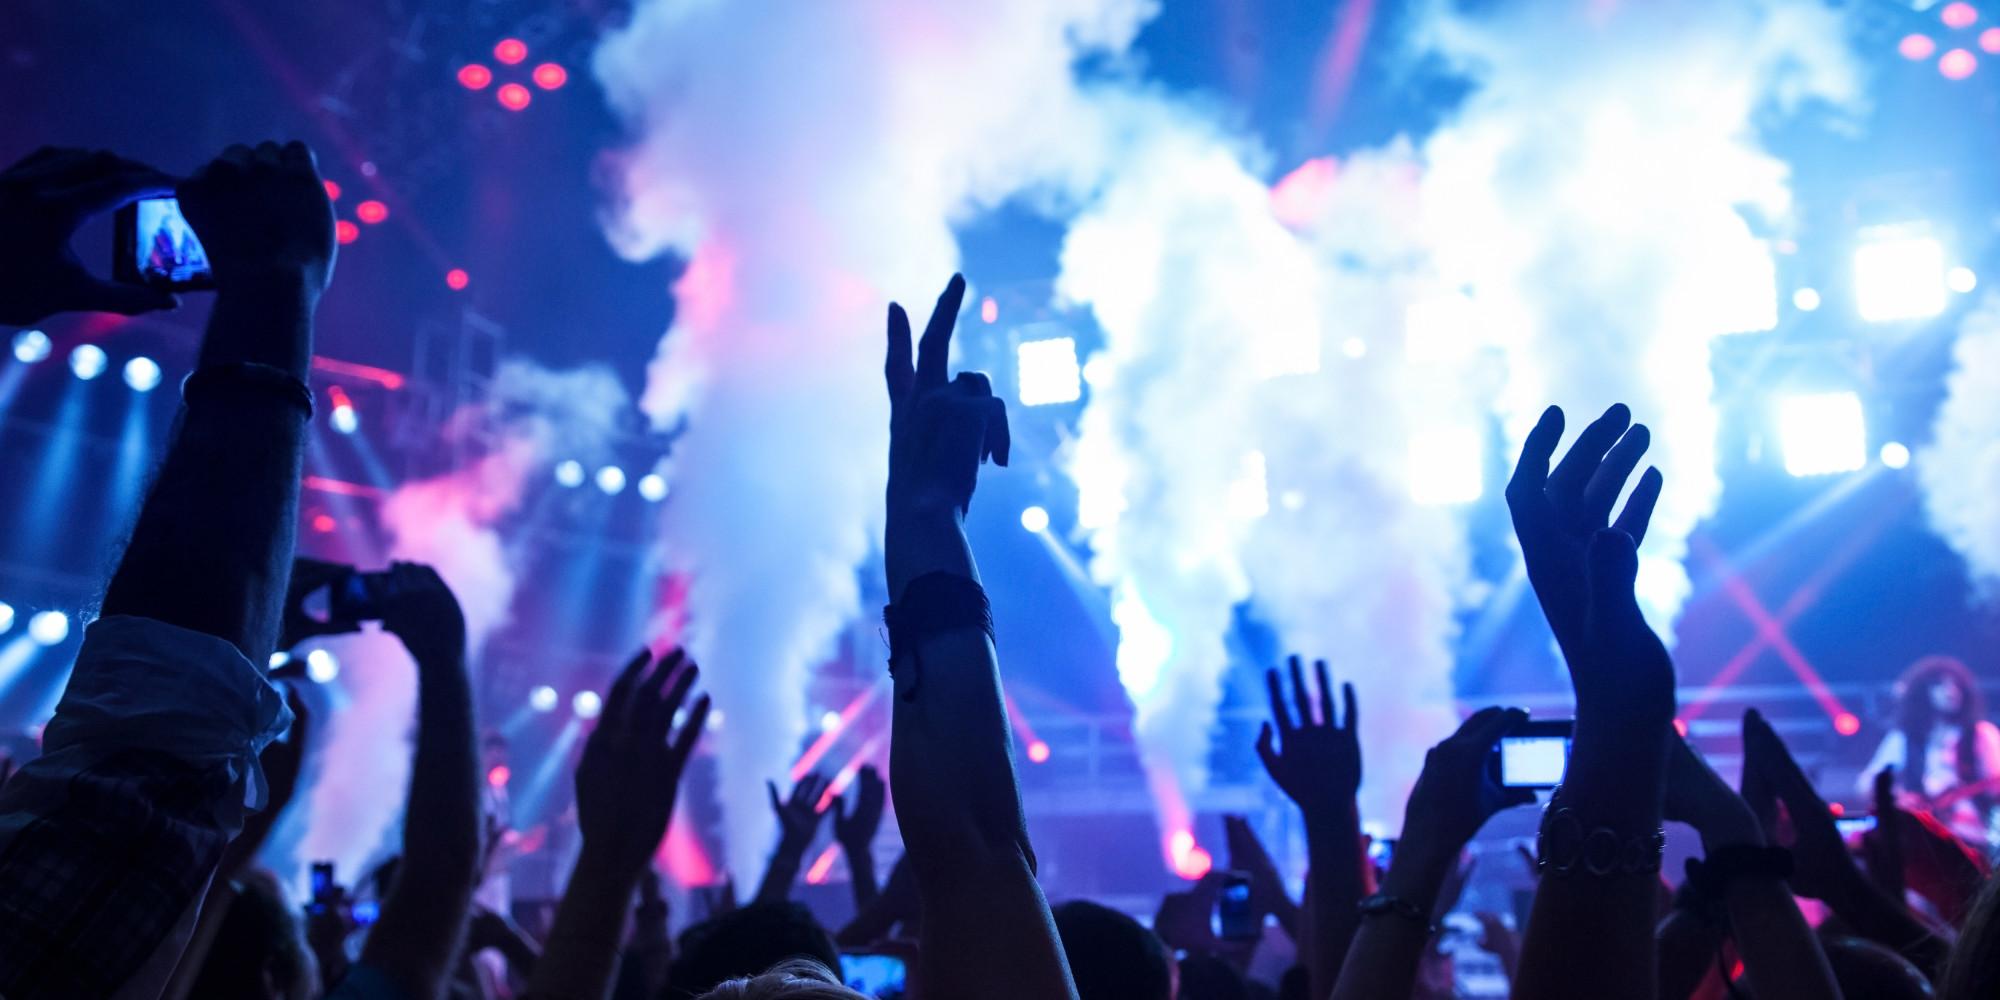 Inilah Kesalahpahaman dalam Musik EDM